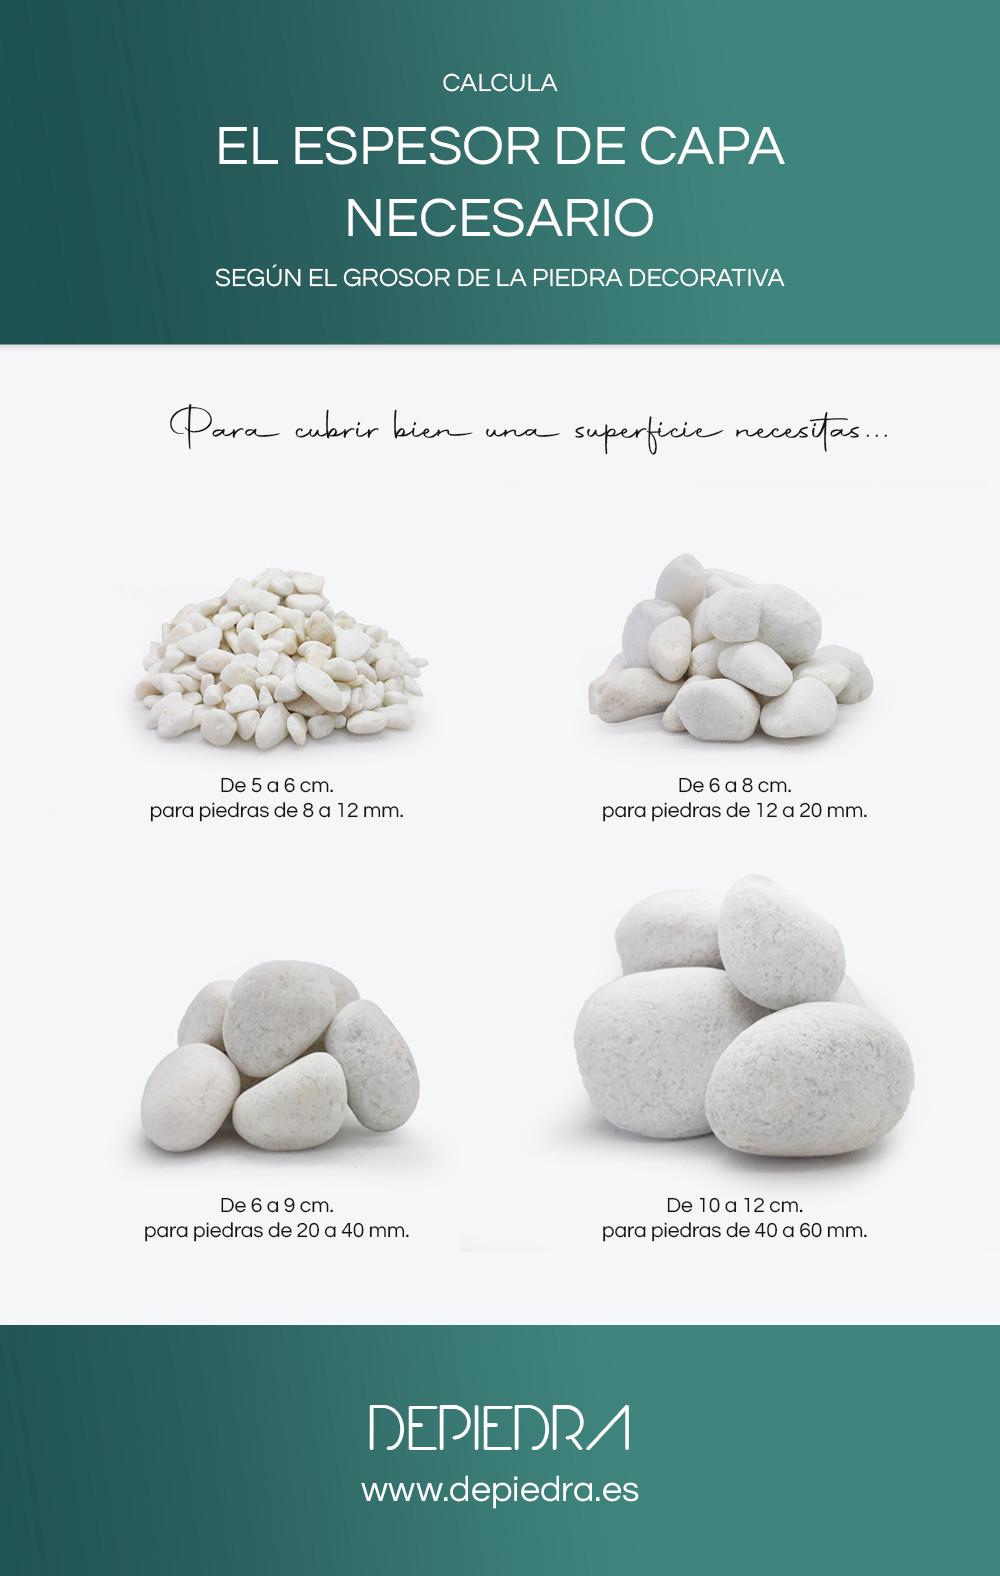 cuanta piedra necesitas para cubrir una superficie